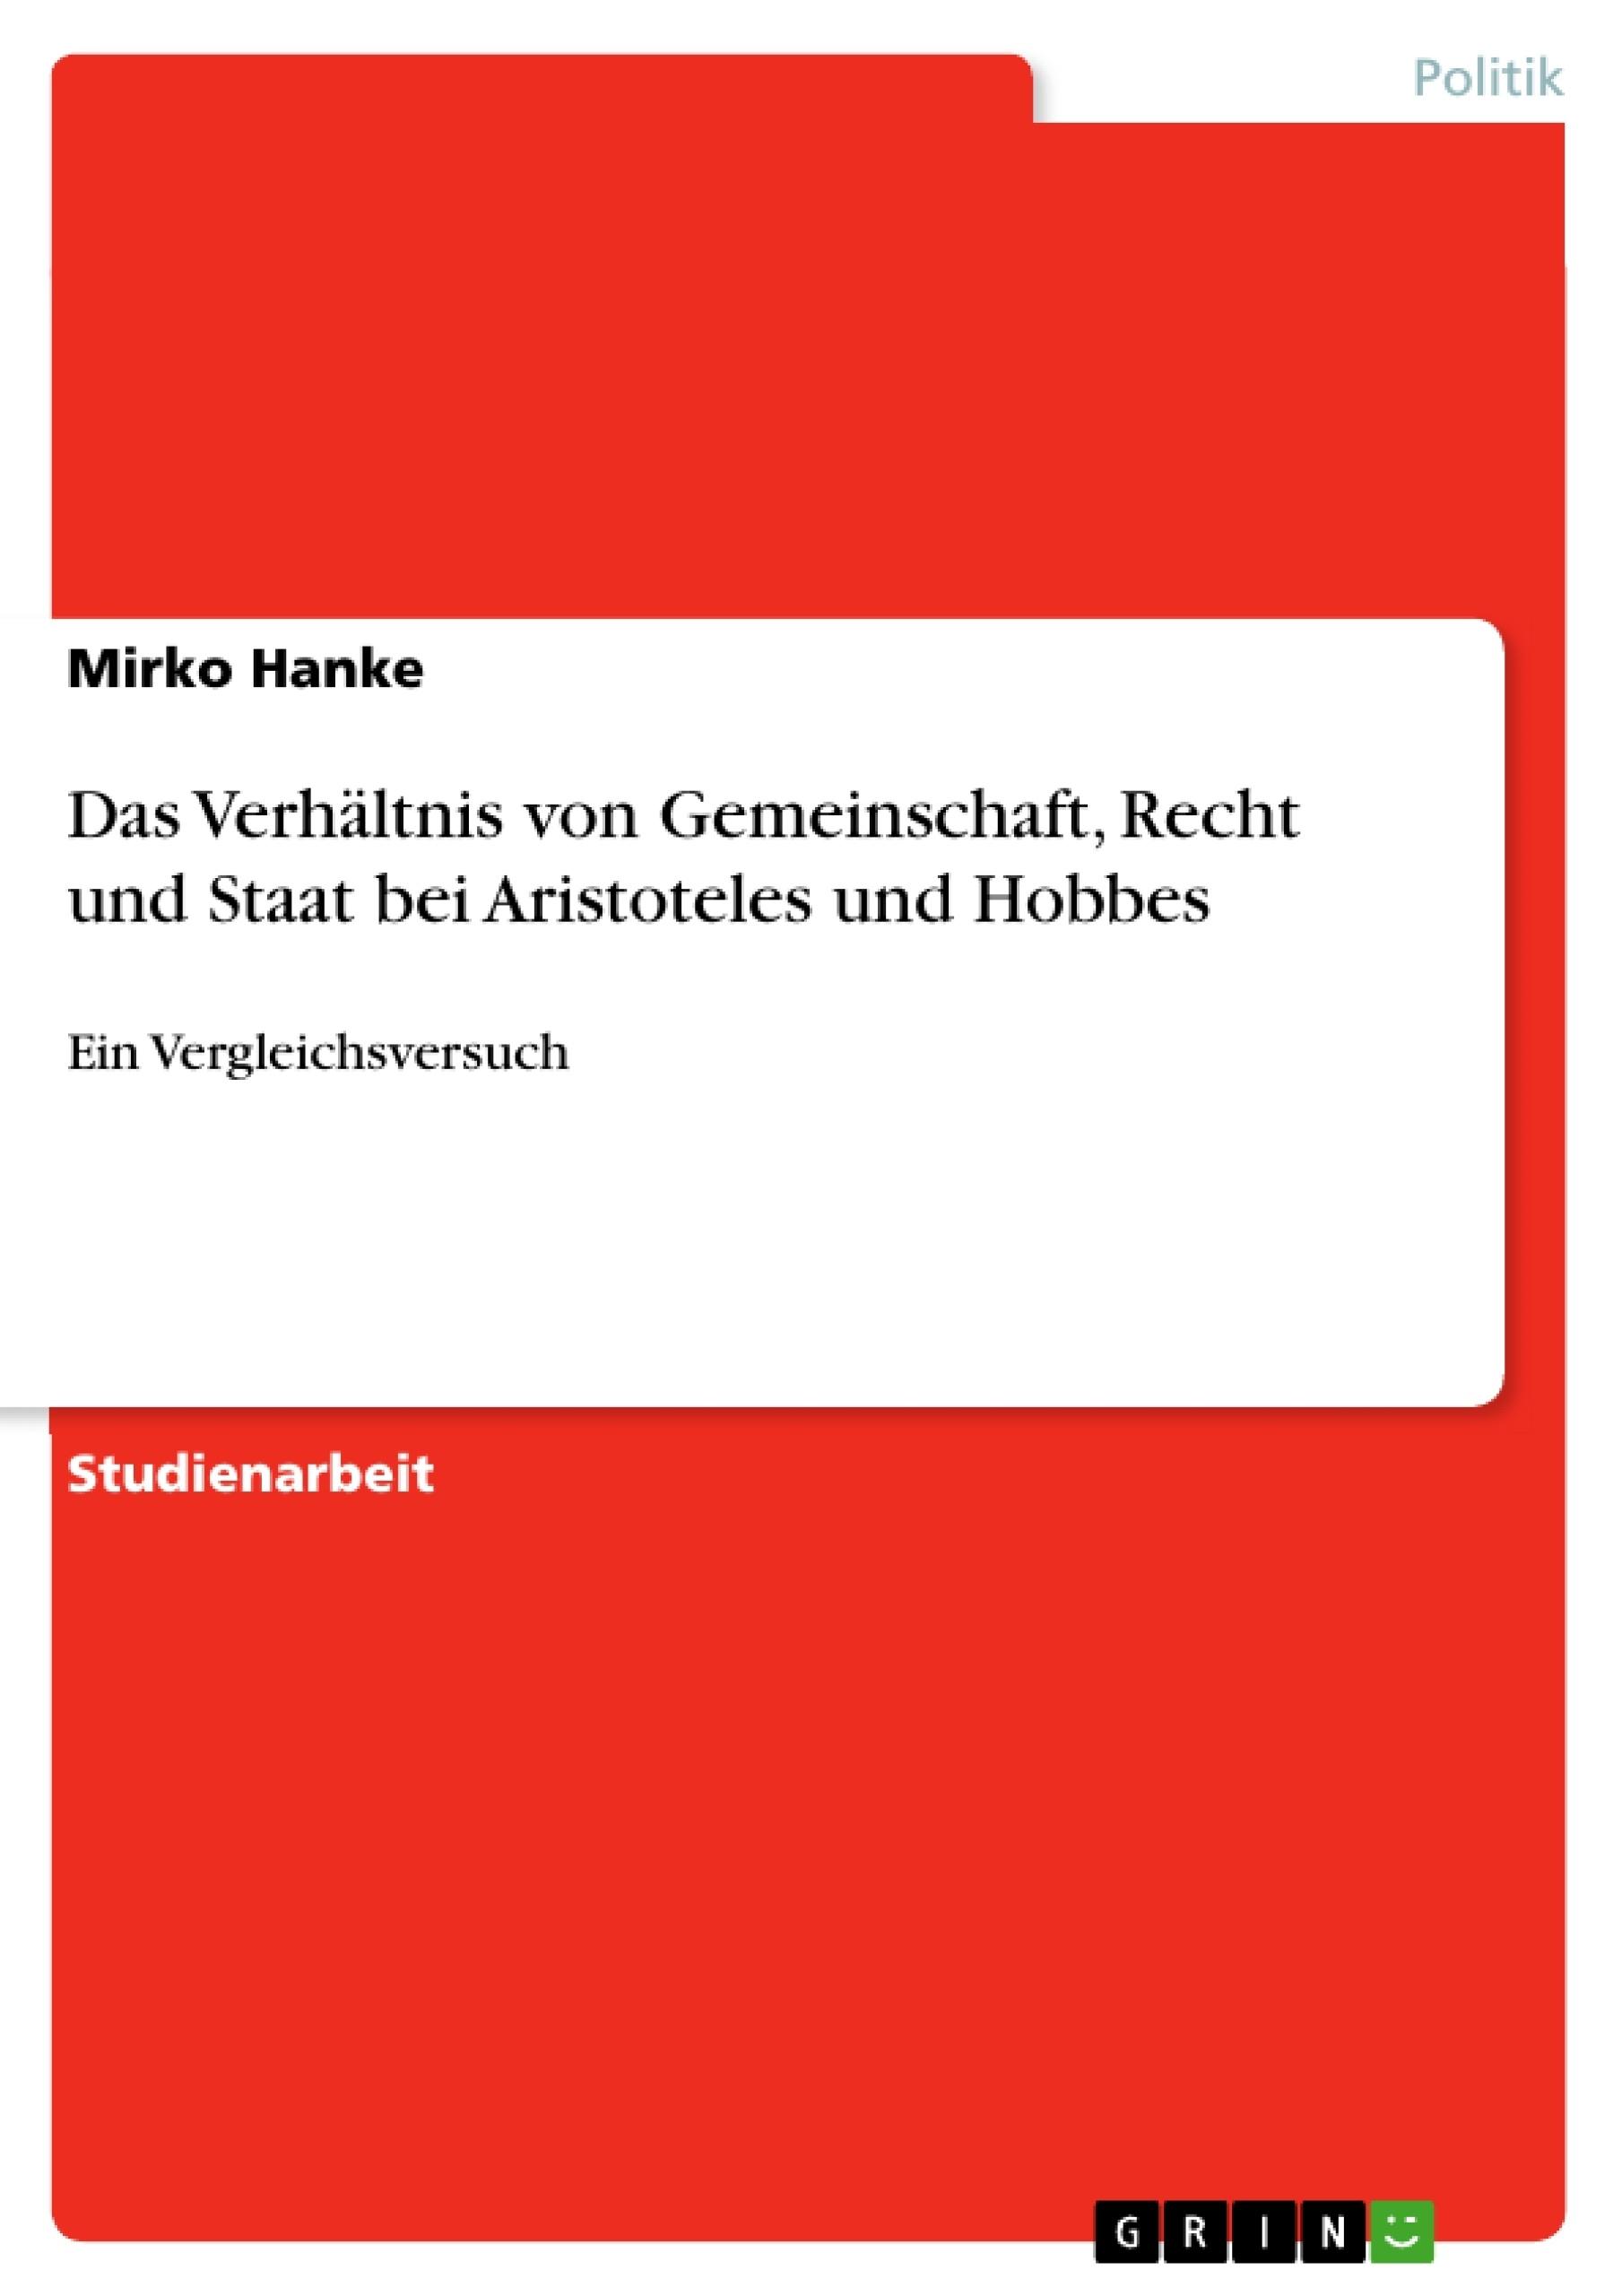 Titel: Das Verhältnis von Gemeinschaft, Recht und Staat bei Aristoteles und Hobbes